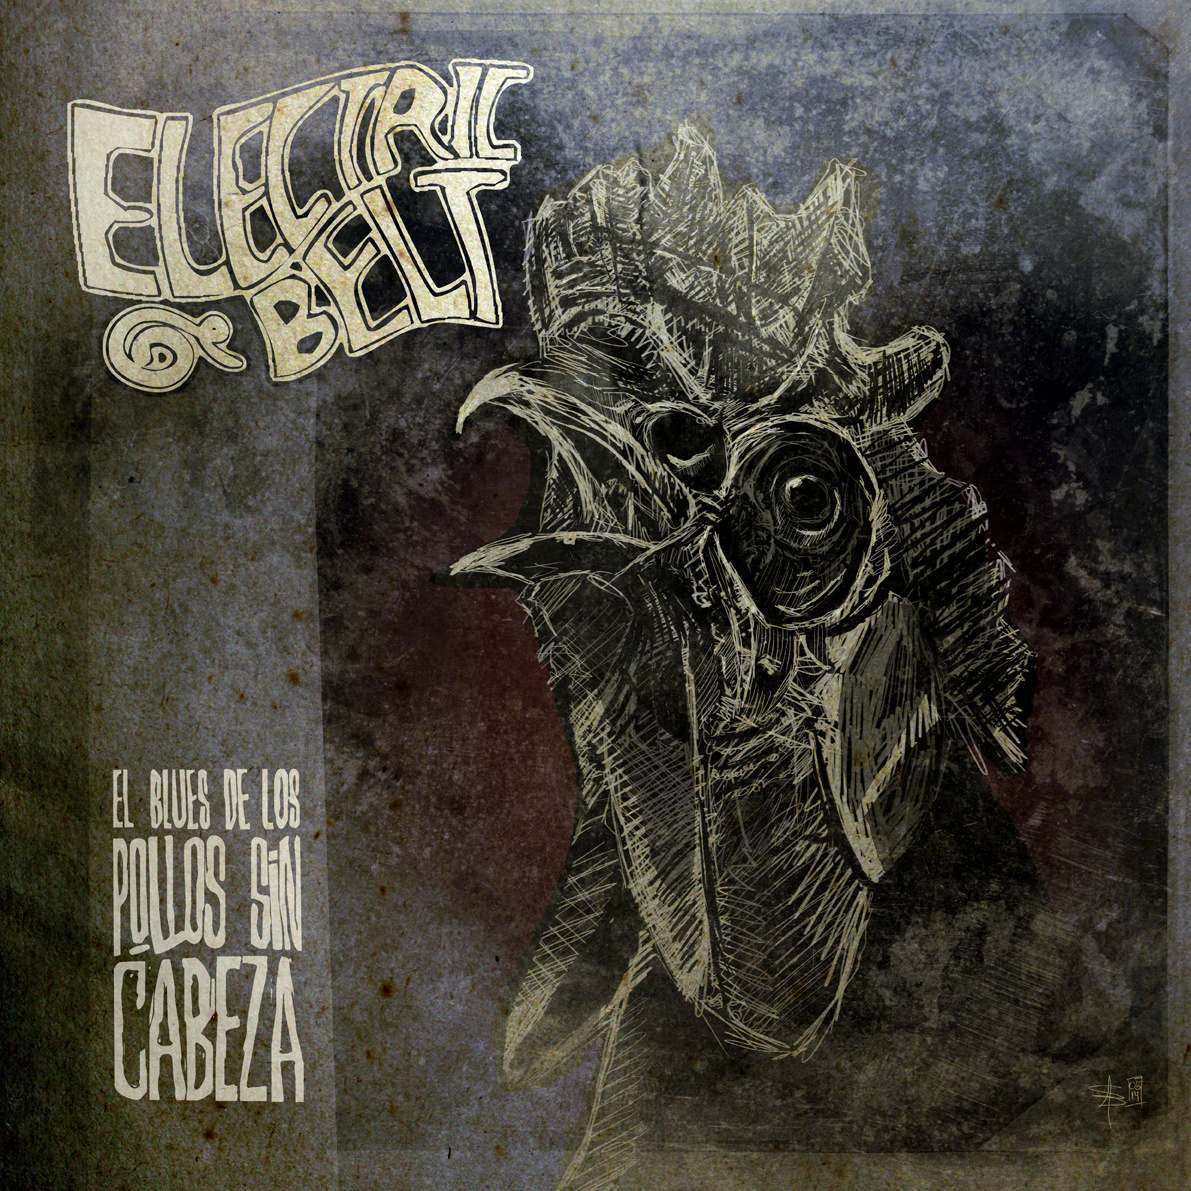 Electric Belt - El Blues De Los Pollos Sin Cabeza